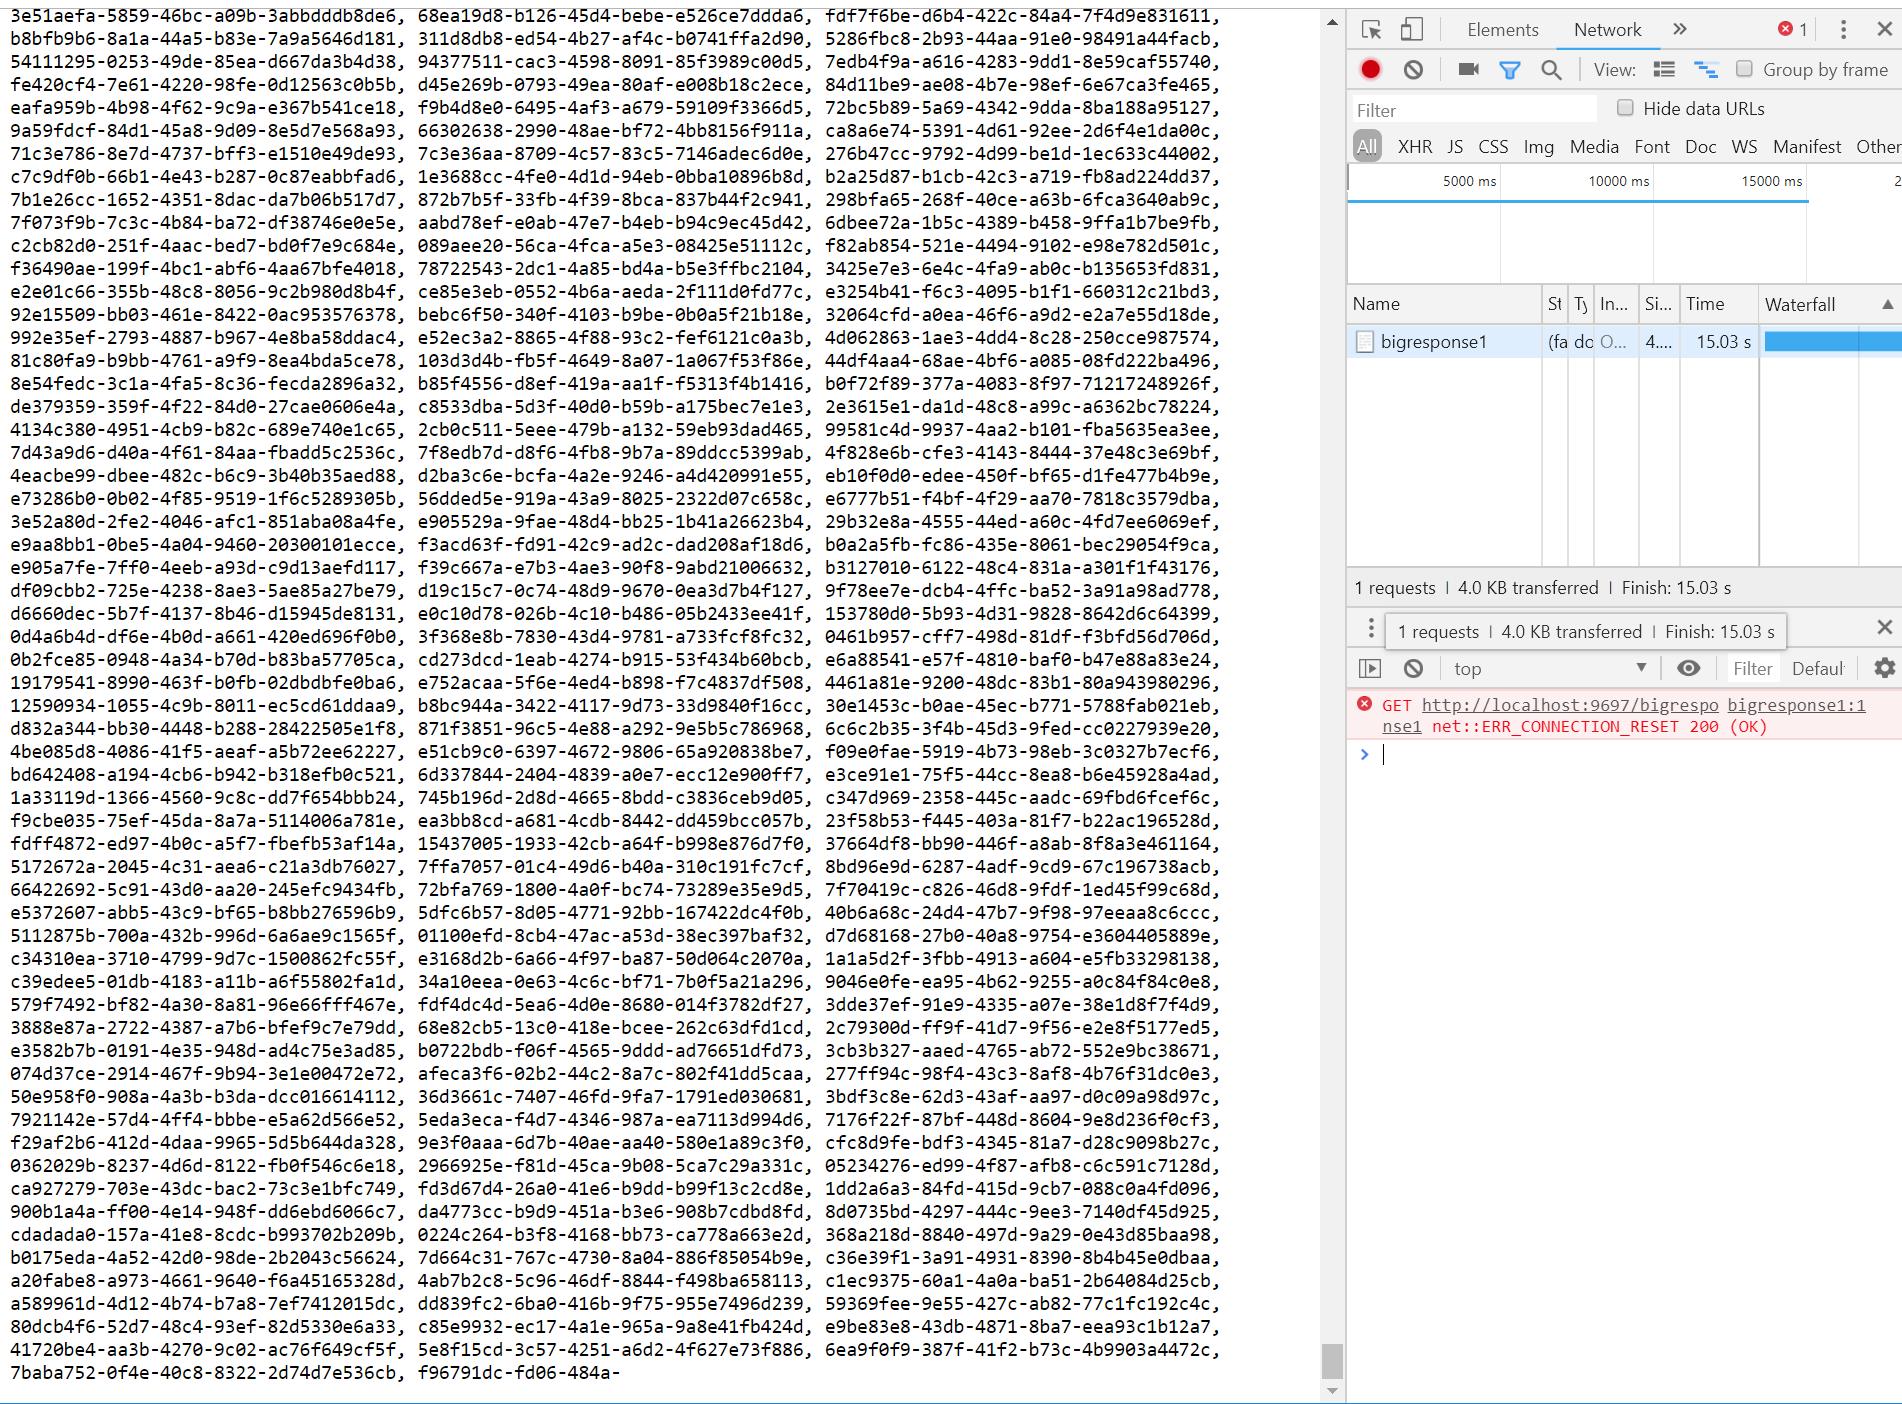 Large response exceeding Modules FileModuleBase ChunkSize